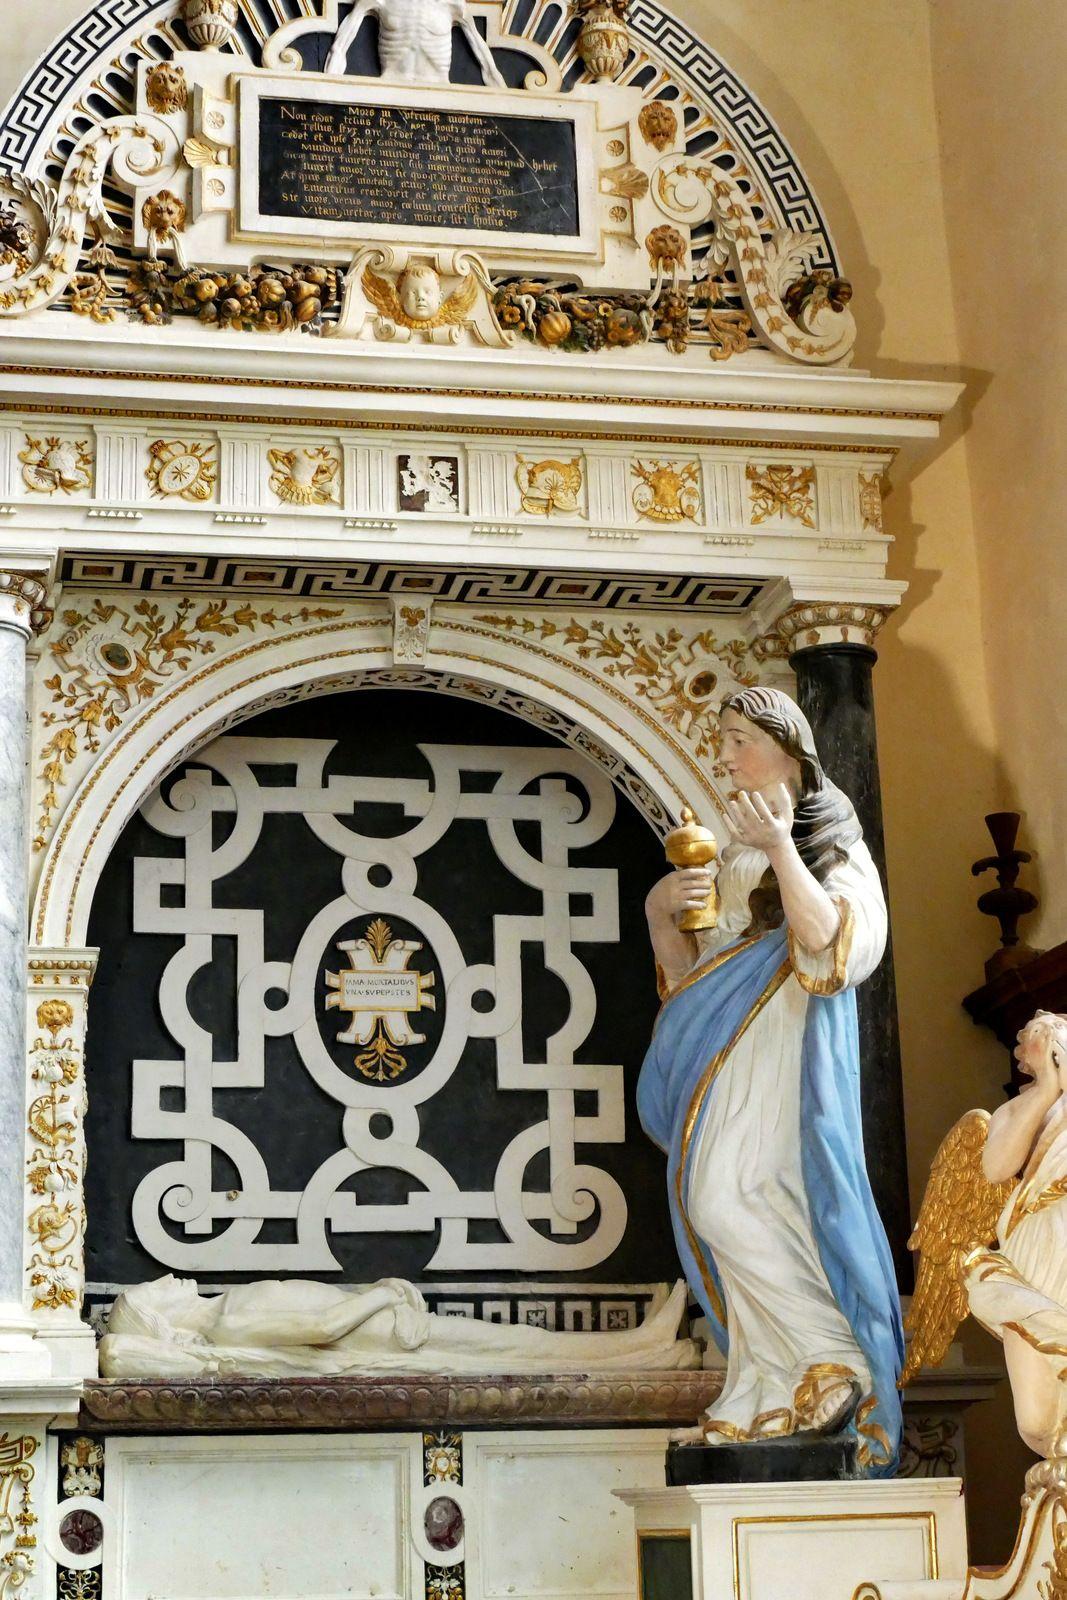 Le tombeau (1553, Jean de Lespine) de Guy d'Espinay et Louise de Goulaine en la collégiale de Champeaux (35). Photographie lavieb-aile août 2020.